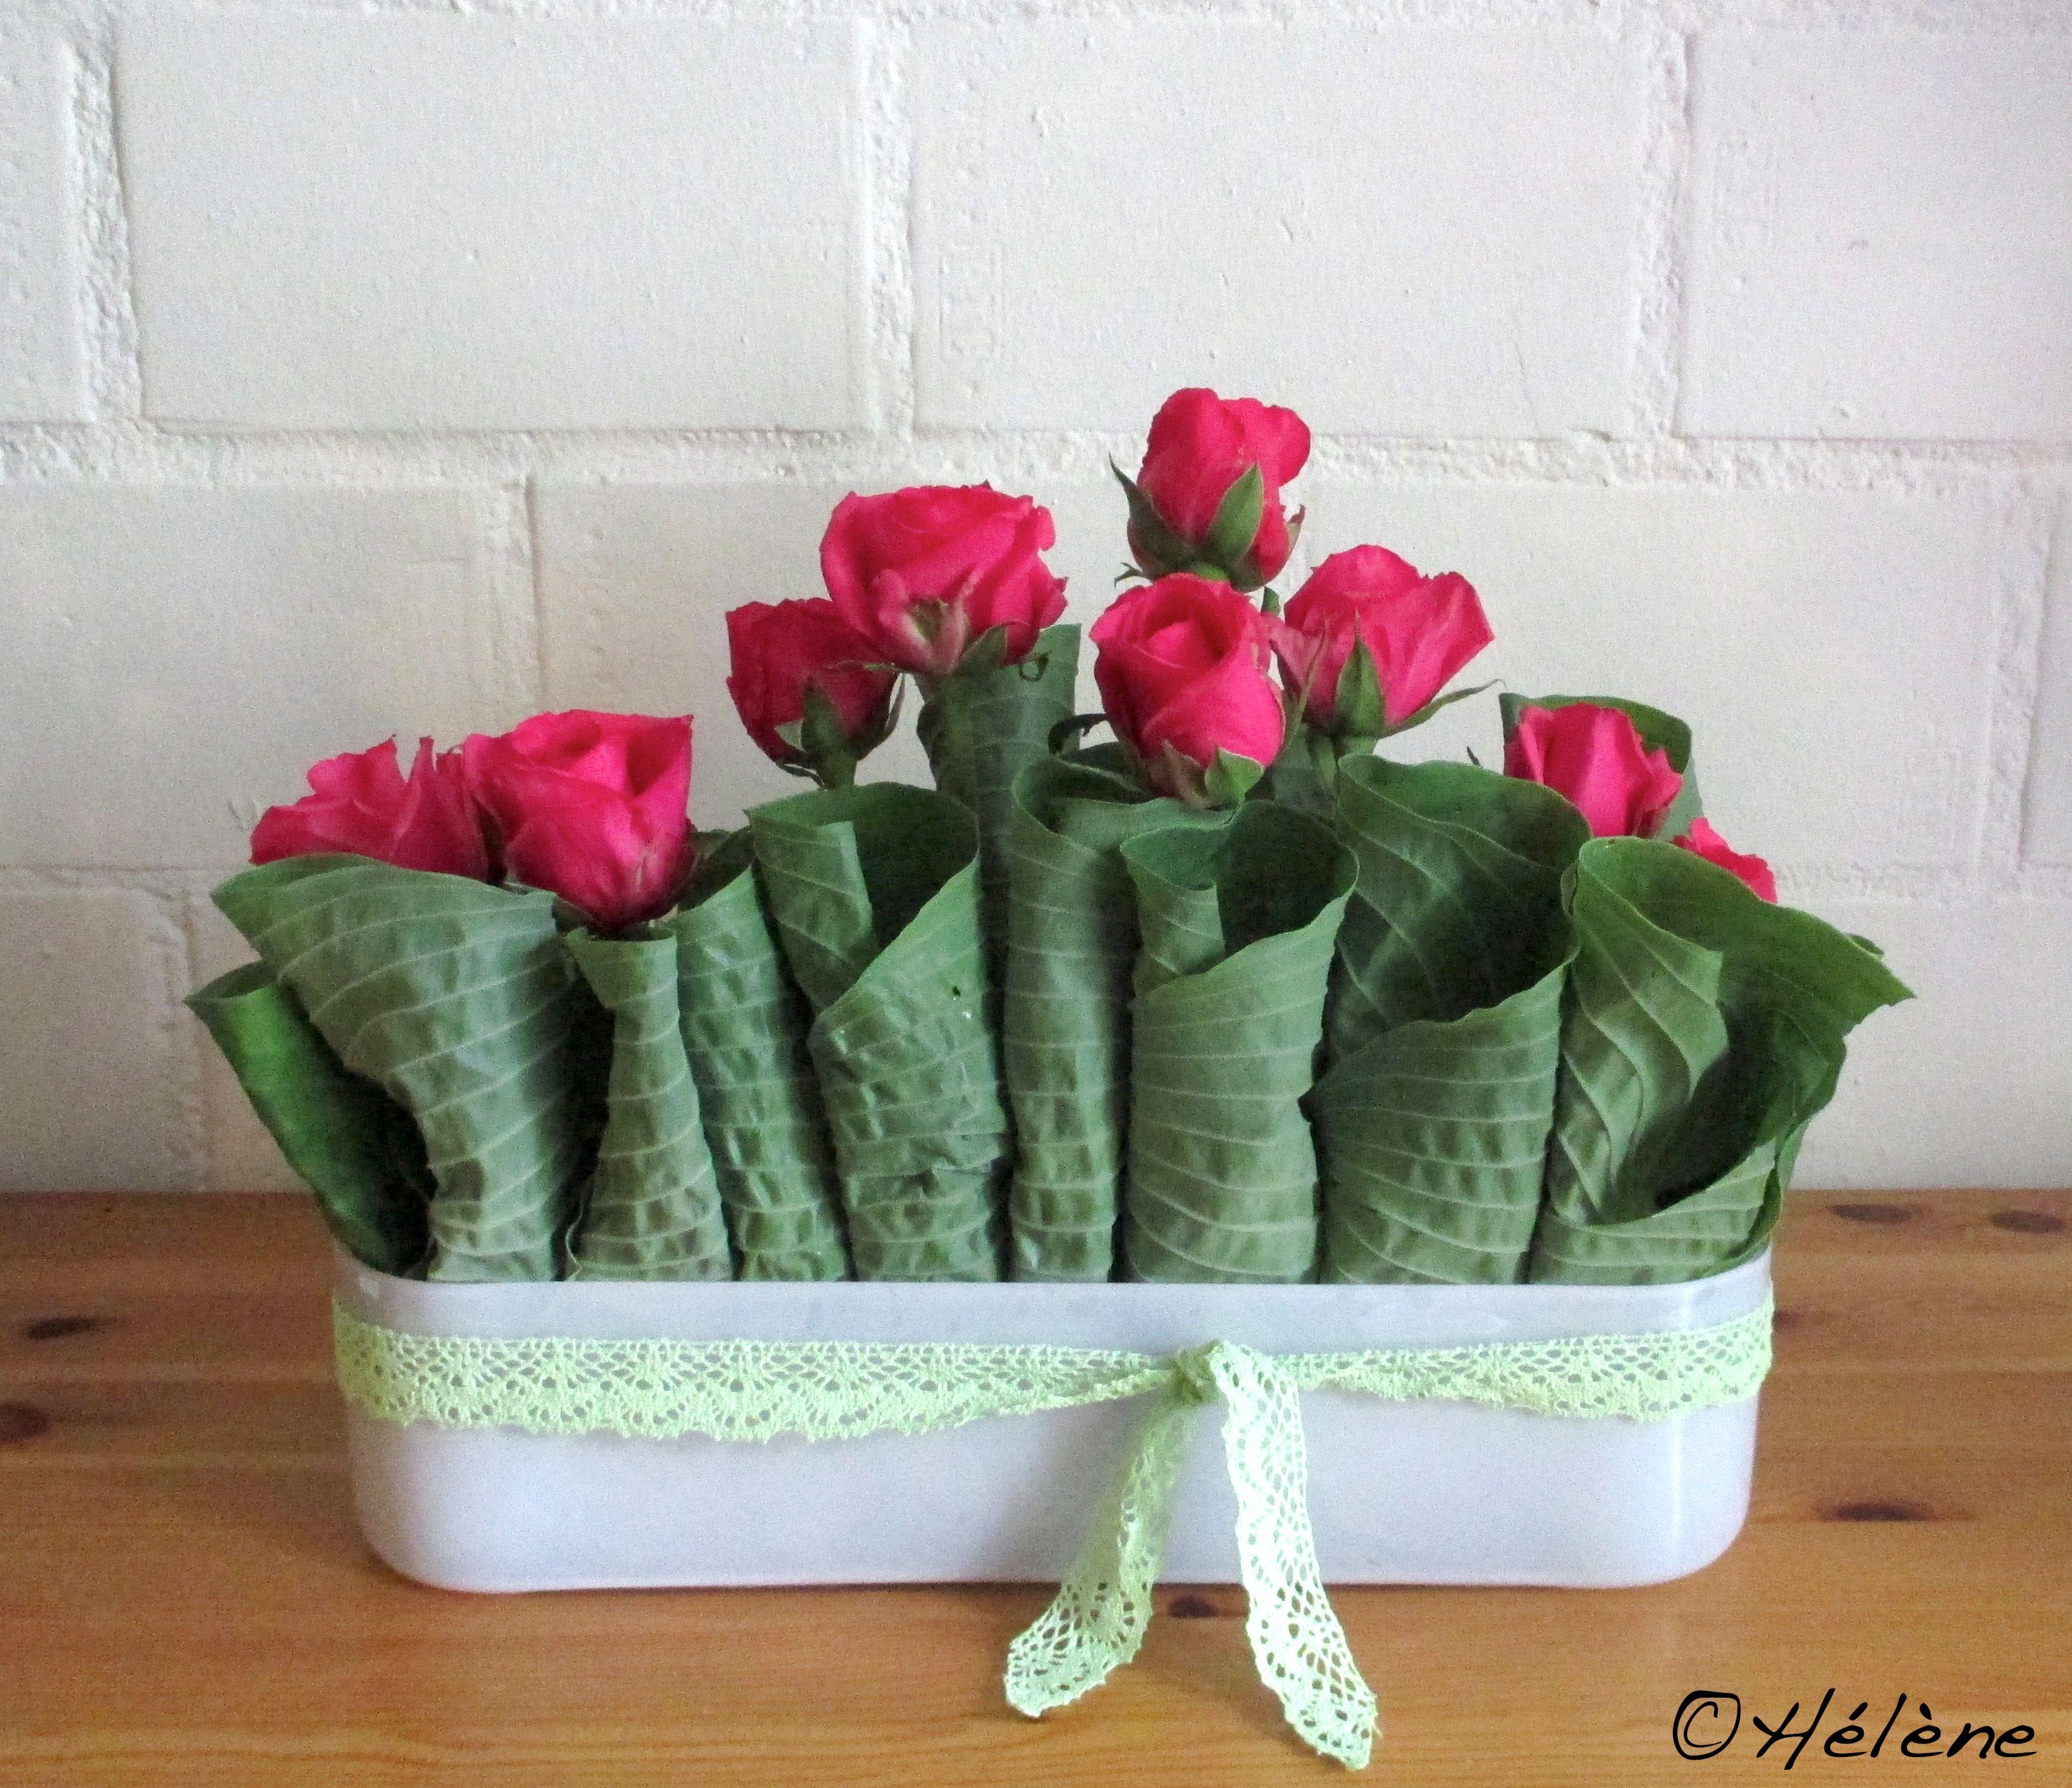 rosen bl tter blumen floristik pinterest bl tter rose und blumen. Black Bedroom Furniture Sets. Home Design Ideas